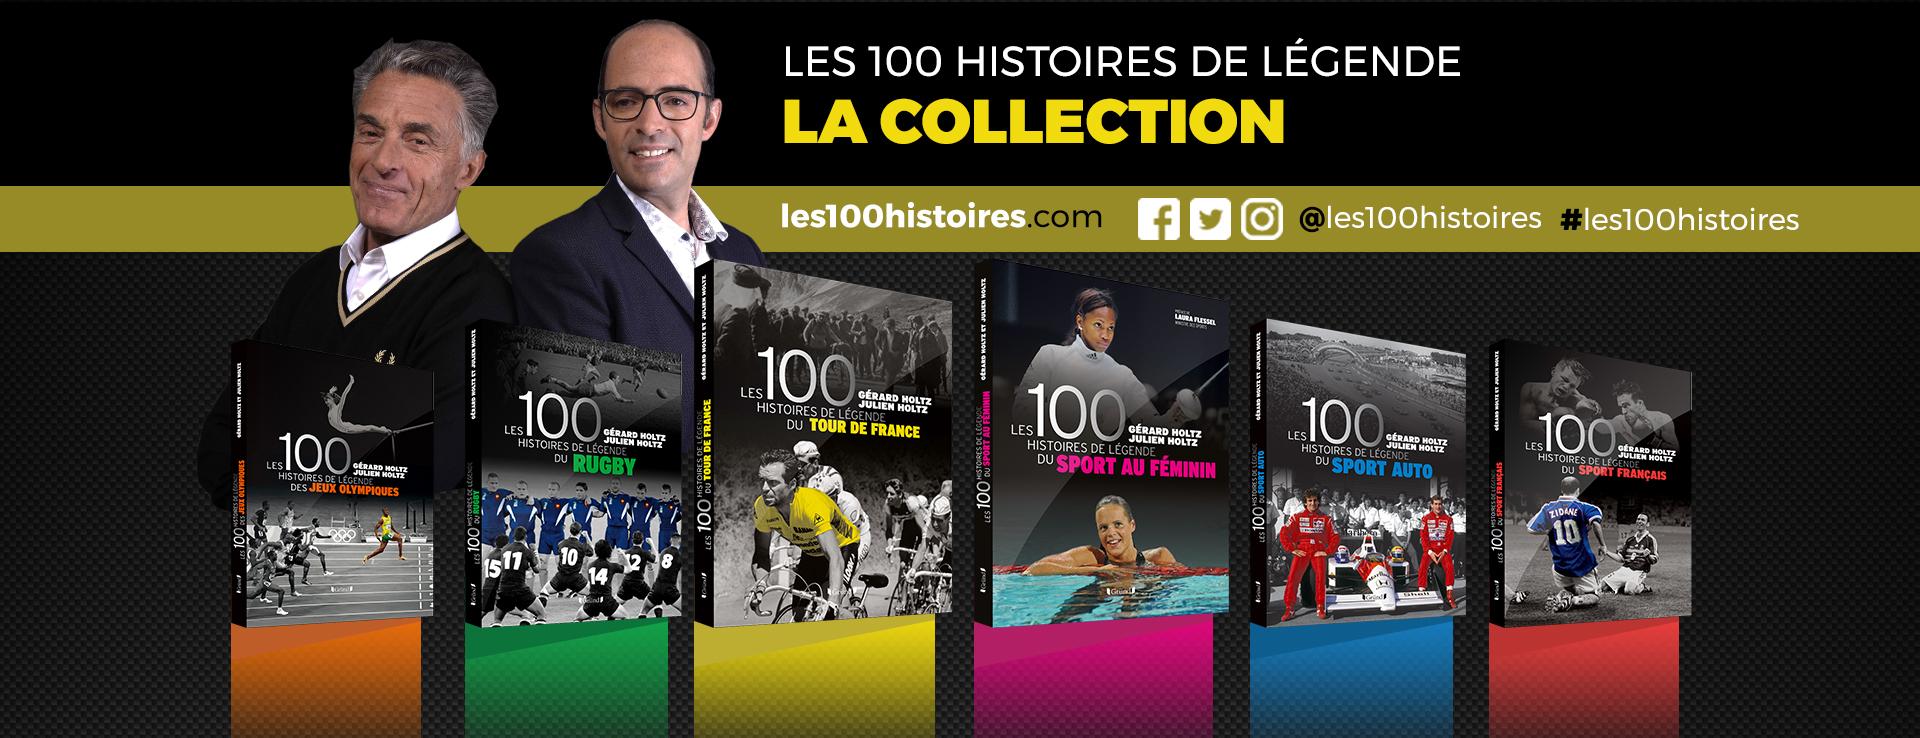 Les 100 Histoires de Légende : la collection créée par Gérard et Julien Holtz